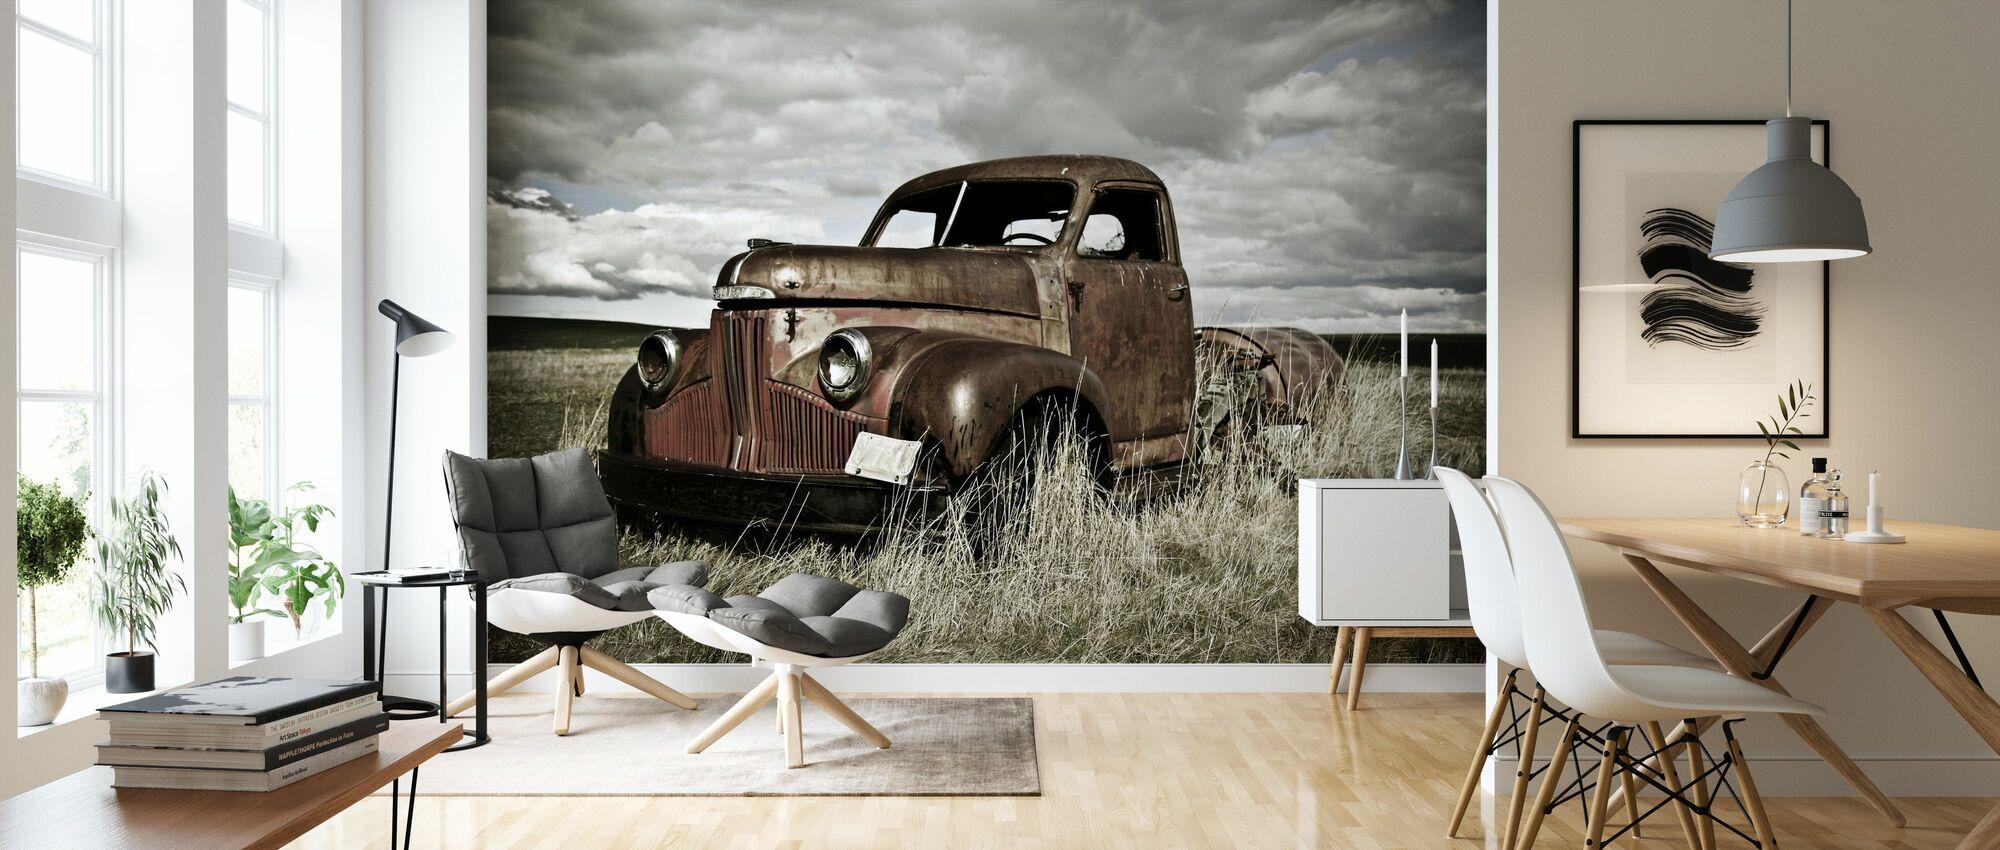 Alt Truck Out auf dem Feld - Tapete - Wohnzimmer